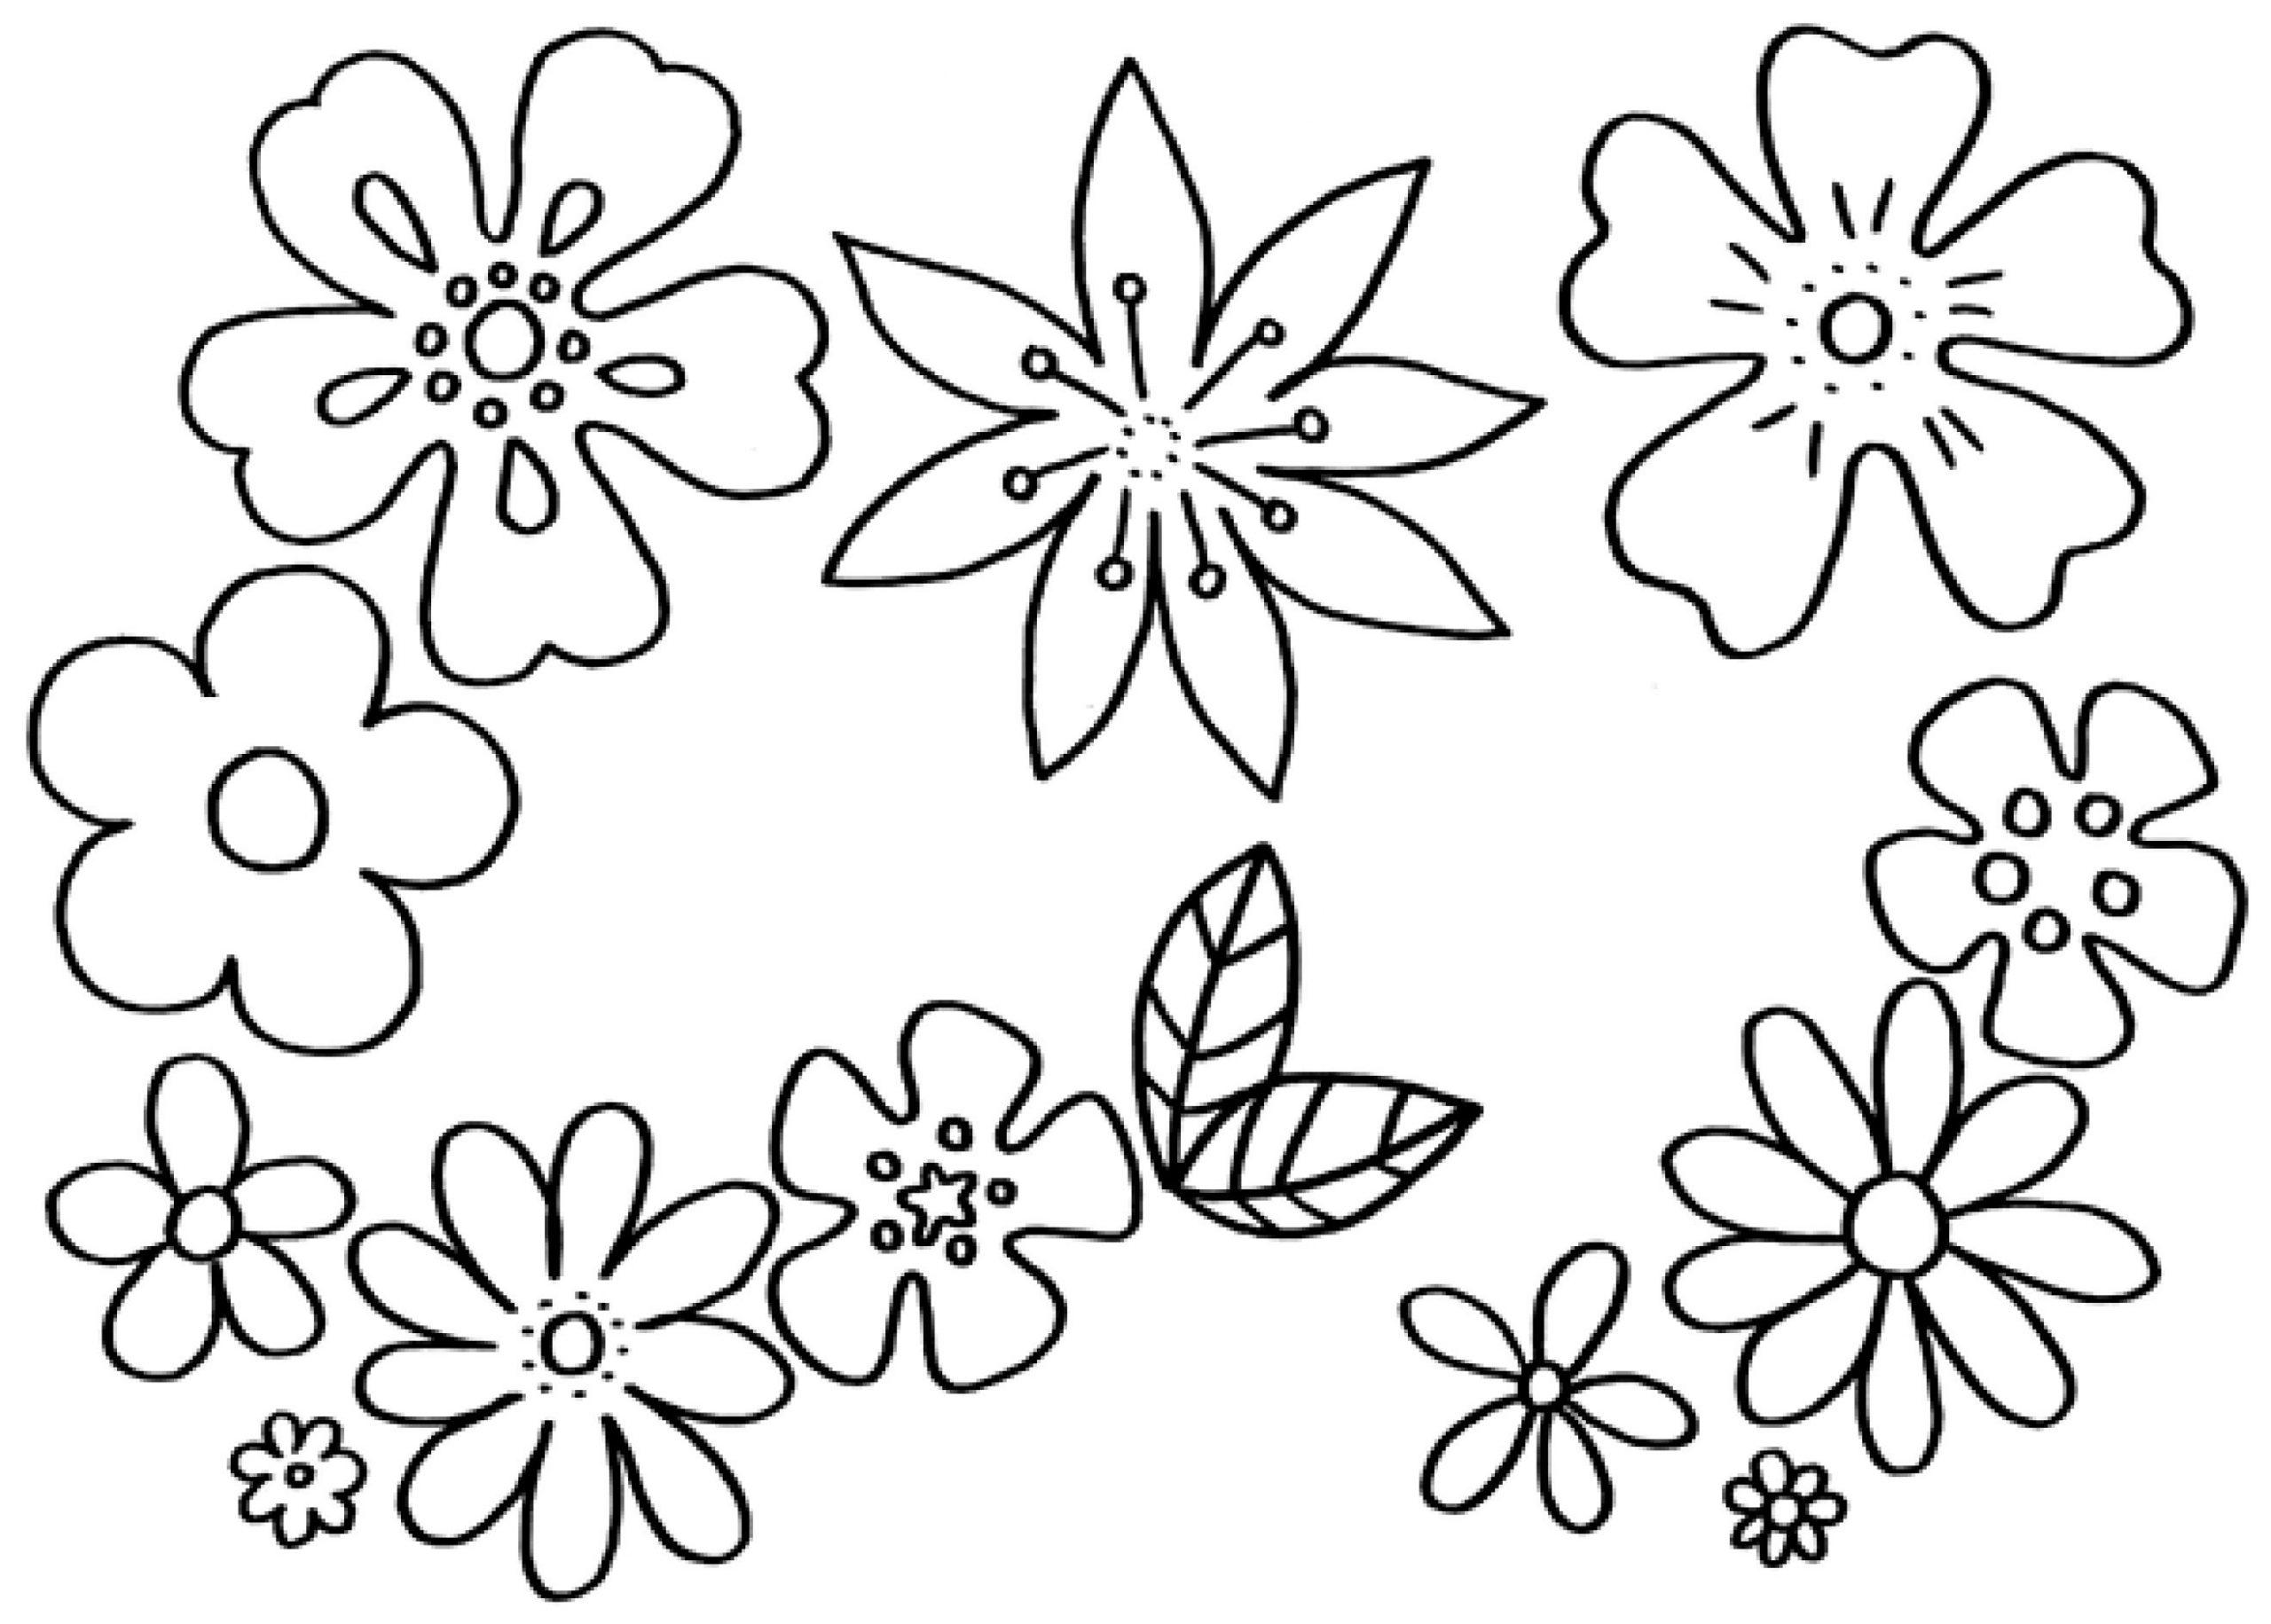 Malvorlagen Blumen - Kostenlose Ausmalbilder | Mytoys Blog ganzes Blume Zum Ausmalen